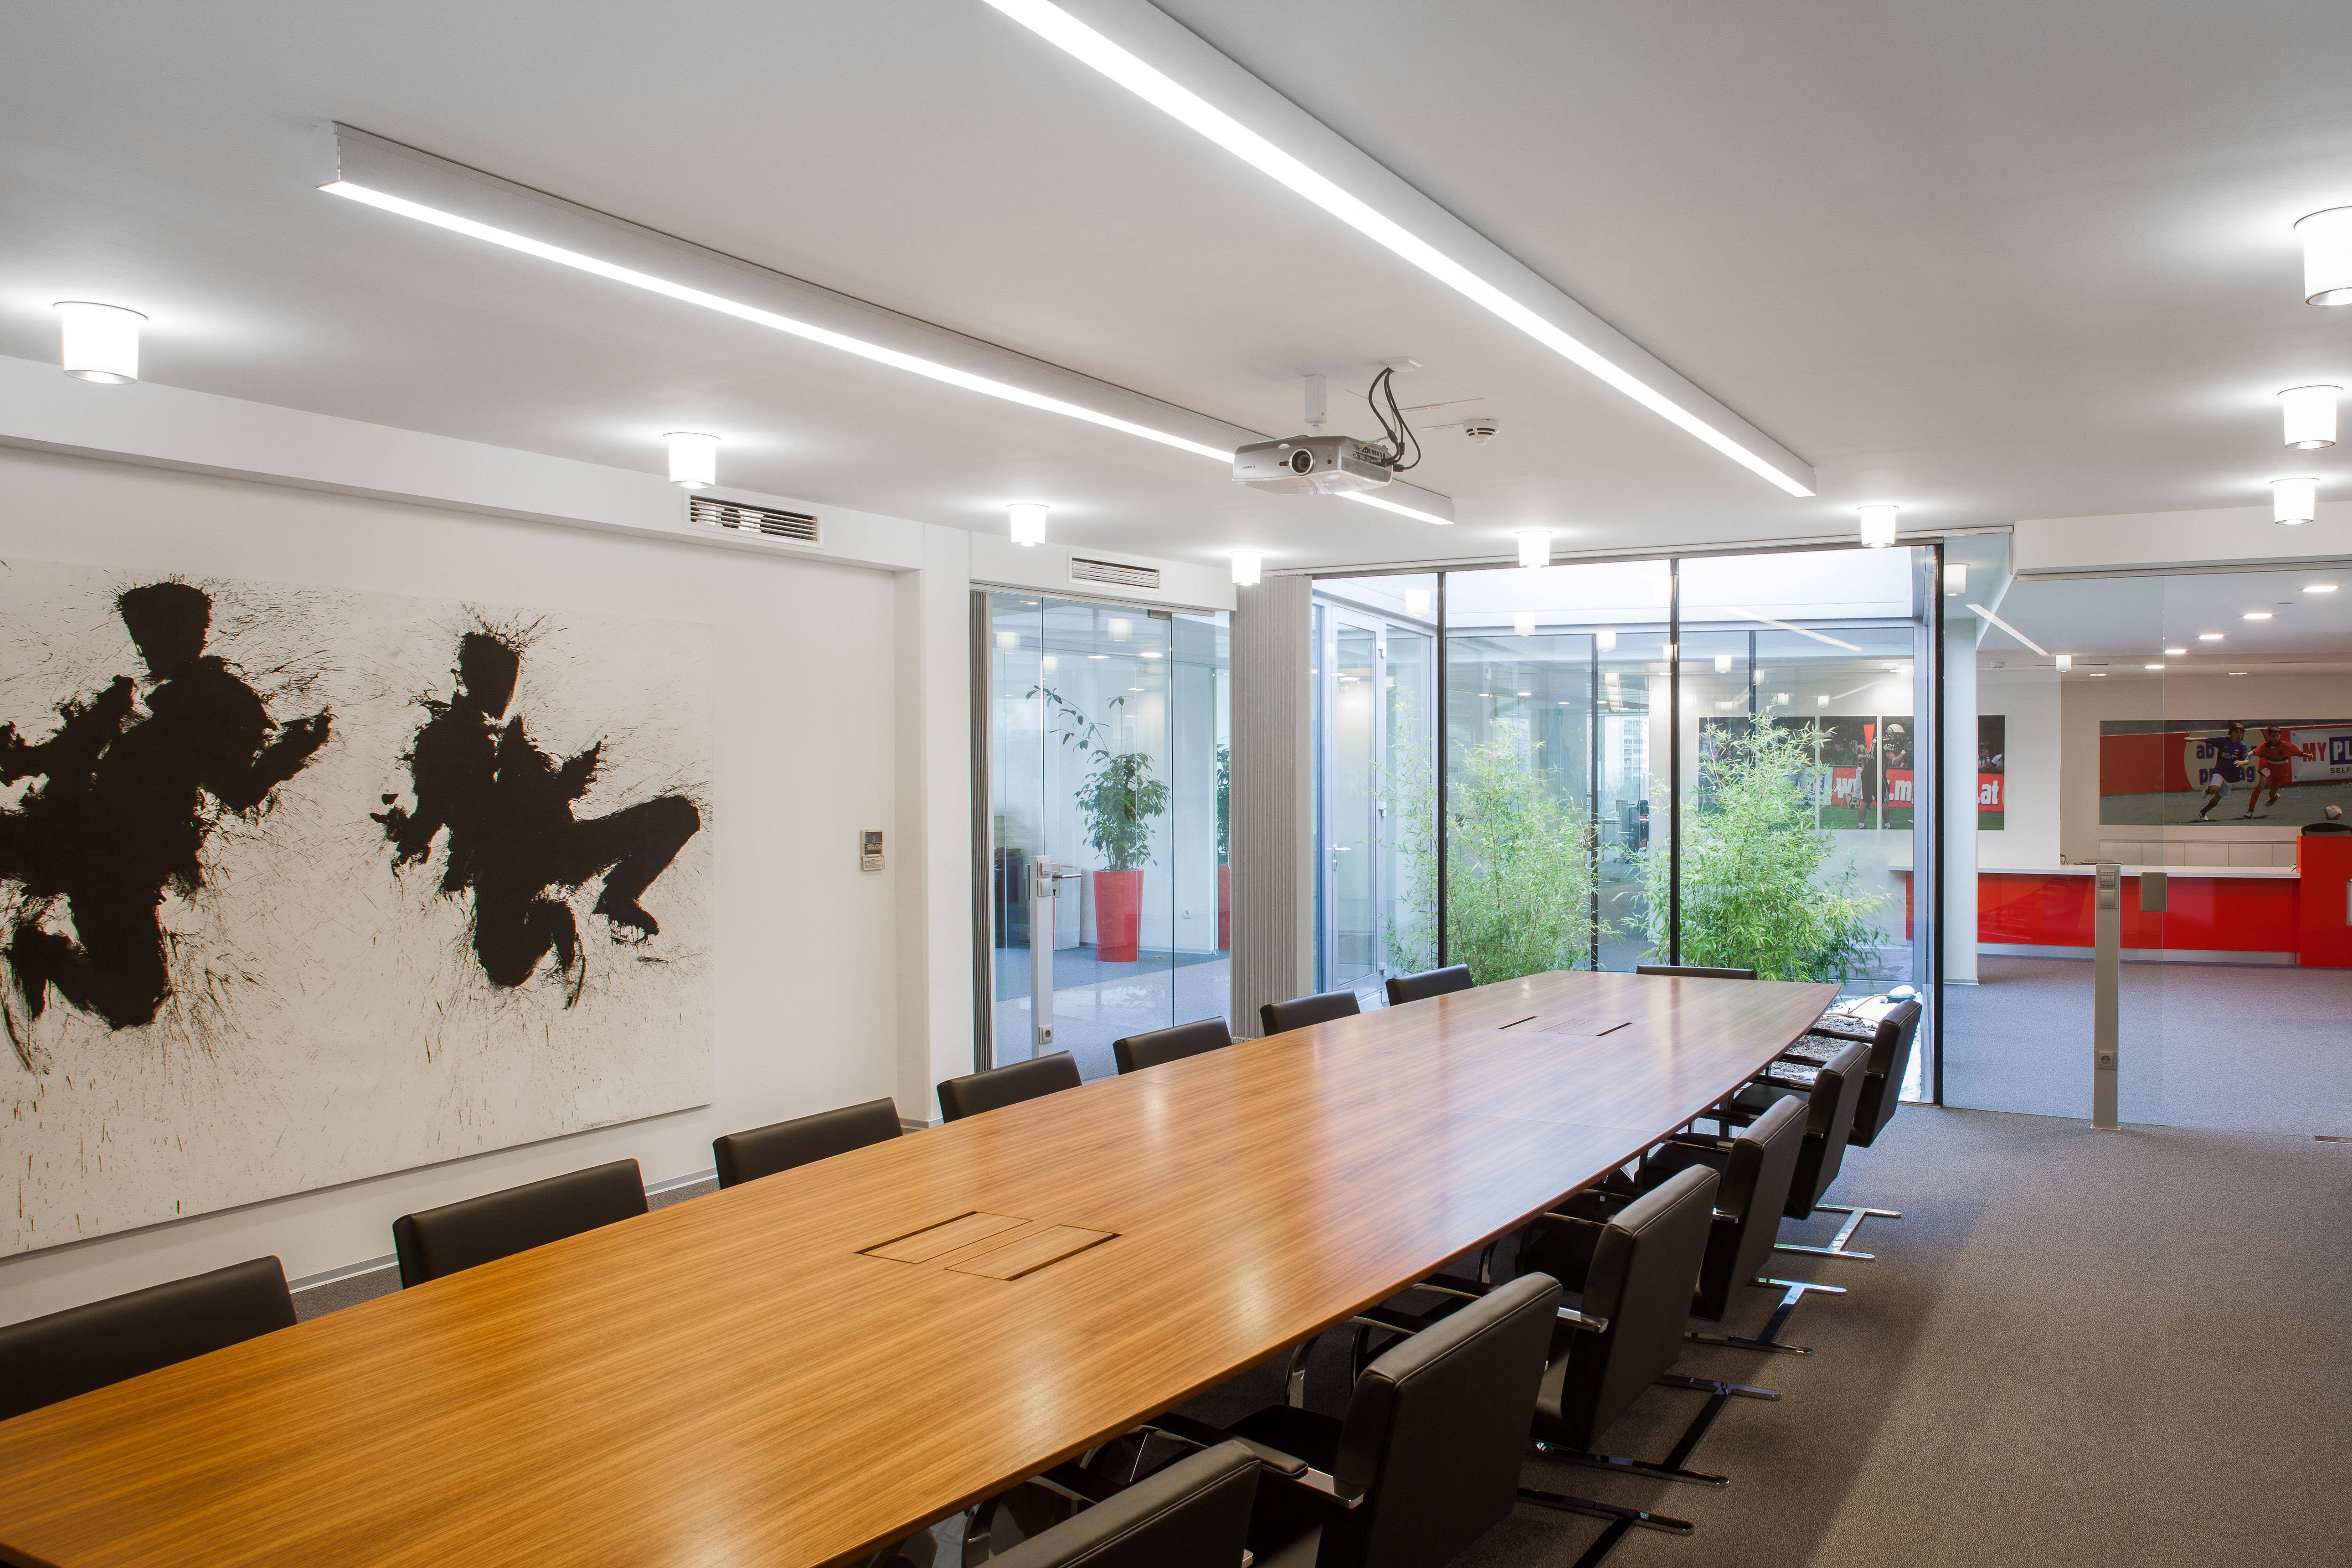 Myplace Meetingraum mit langem Holztisch